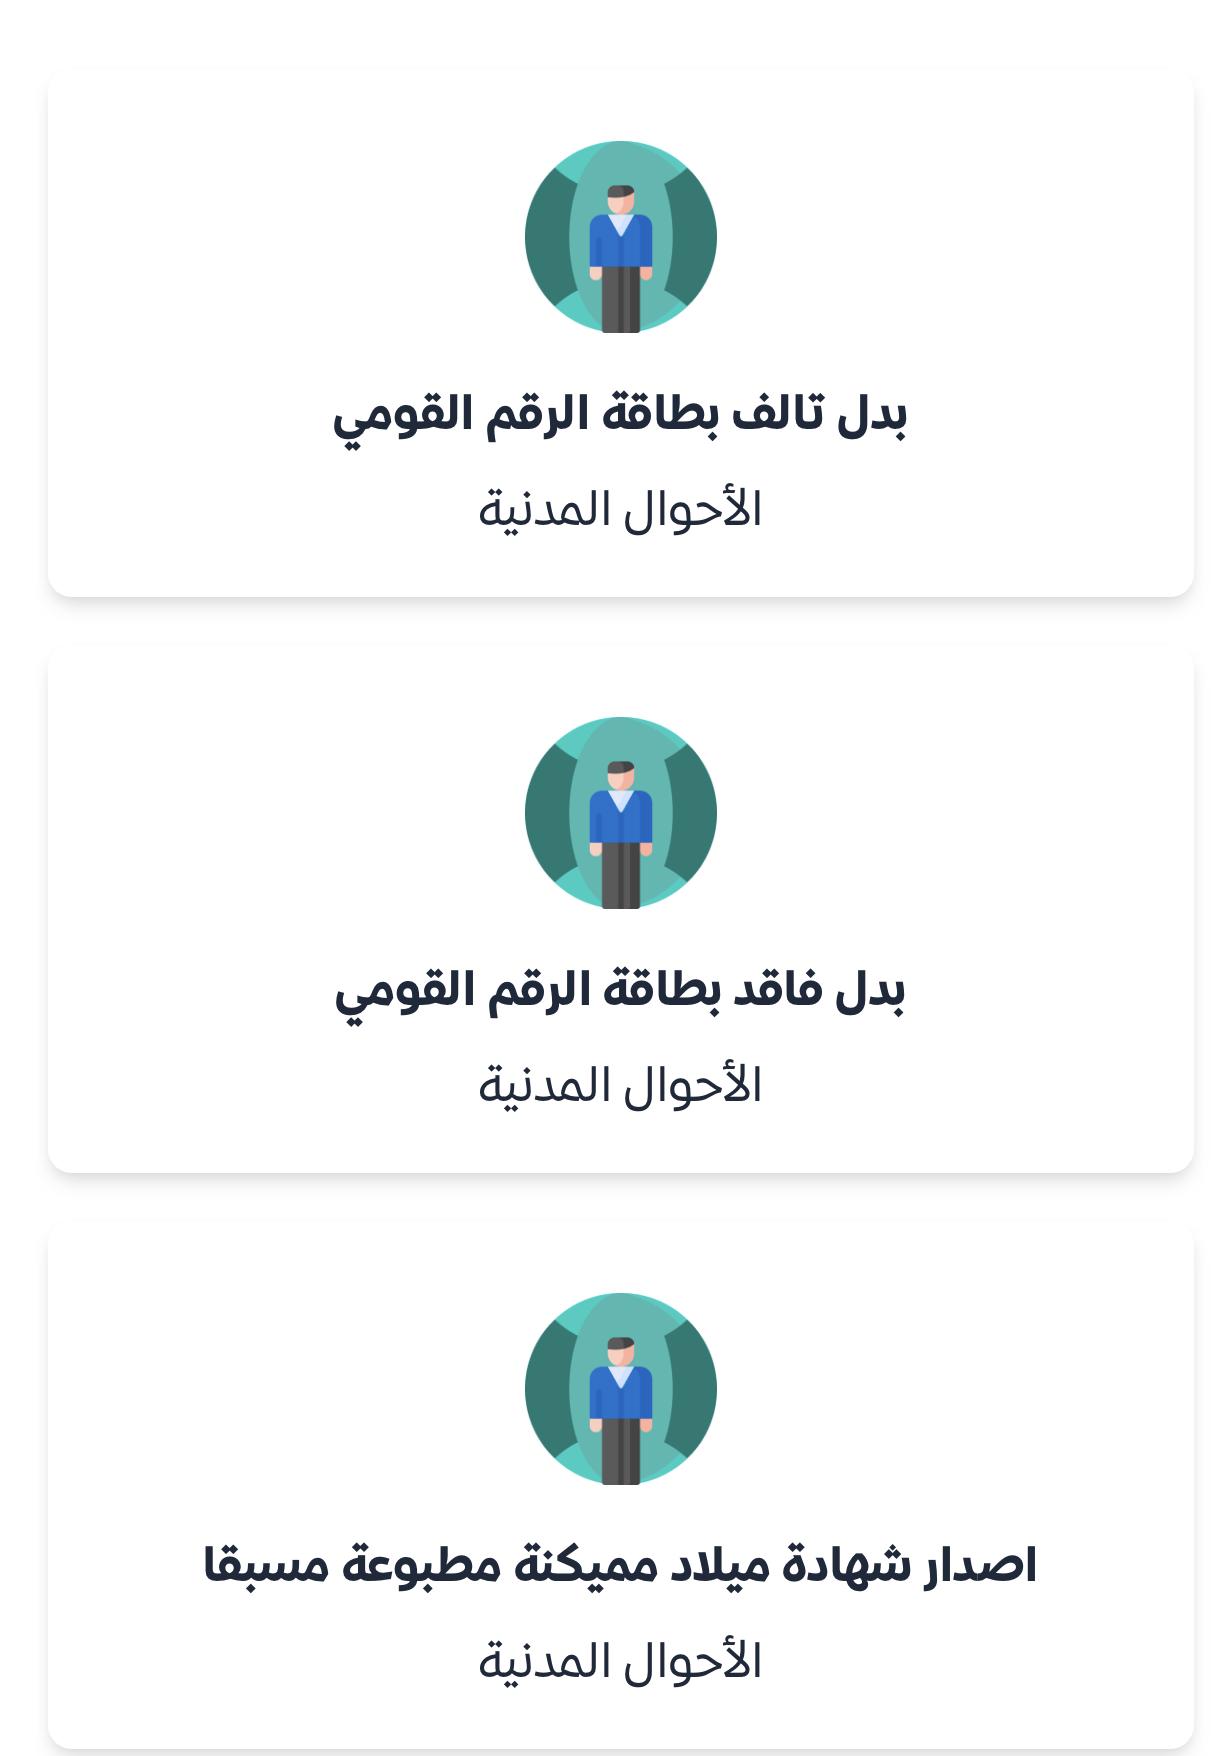 منصة مصر الرقمية